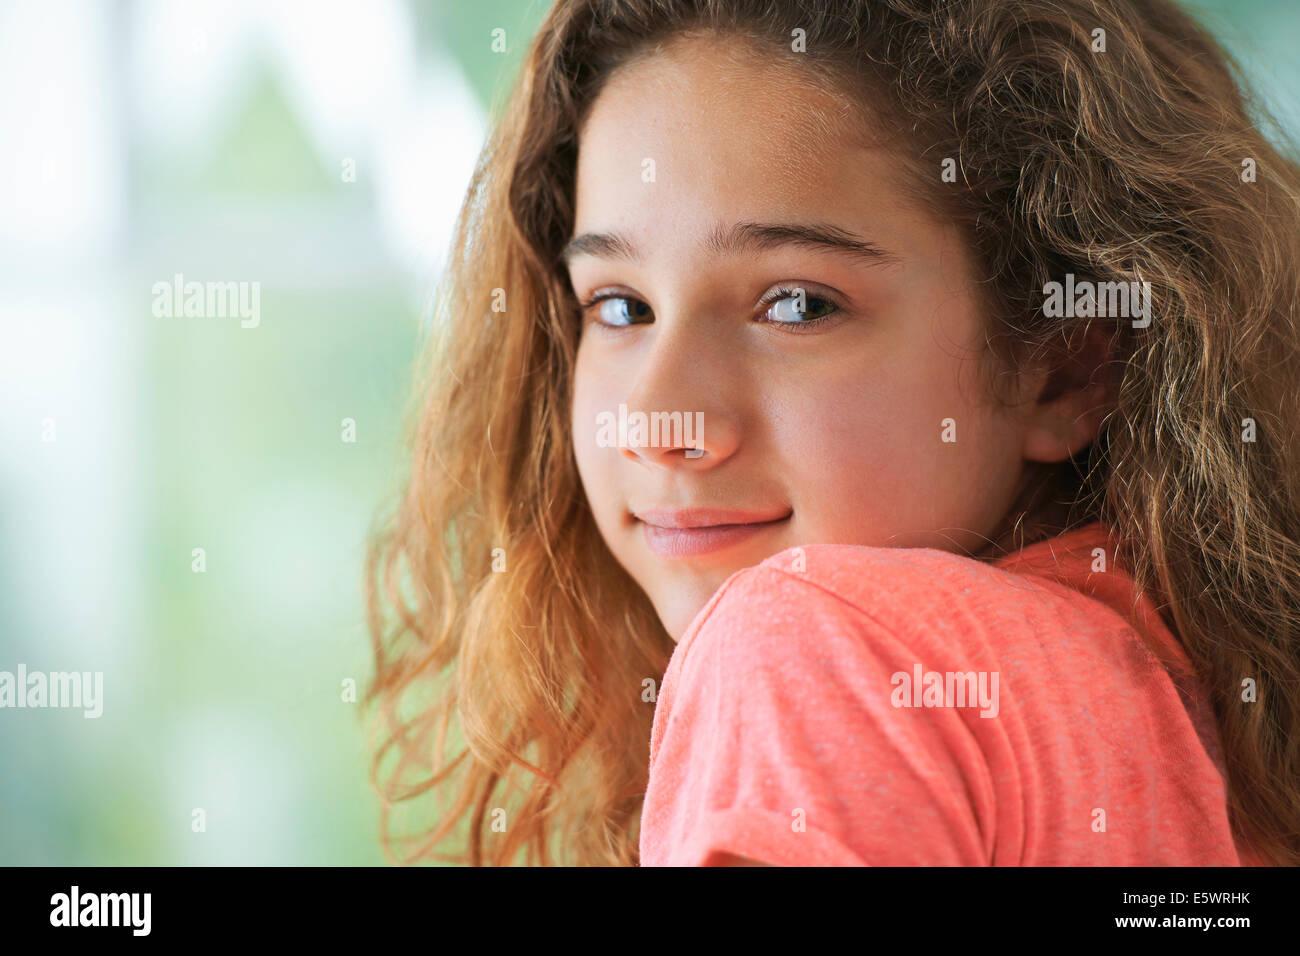 Ragazza giovane con capelli castani ,sorridente, ritratto Immagini Stock